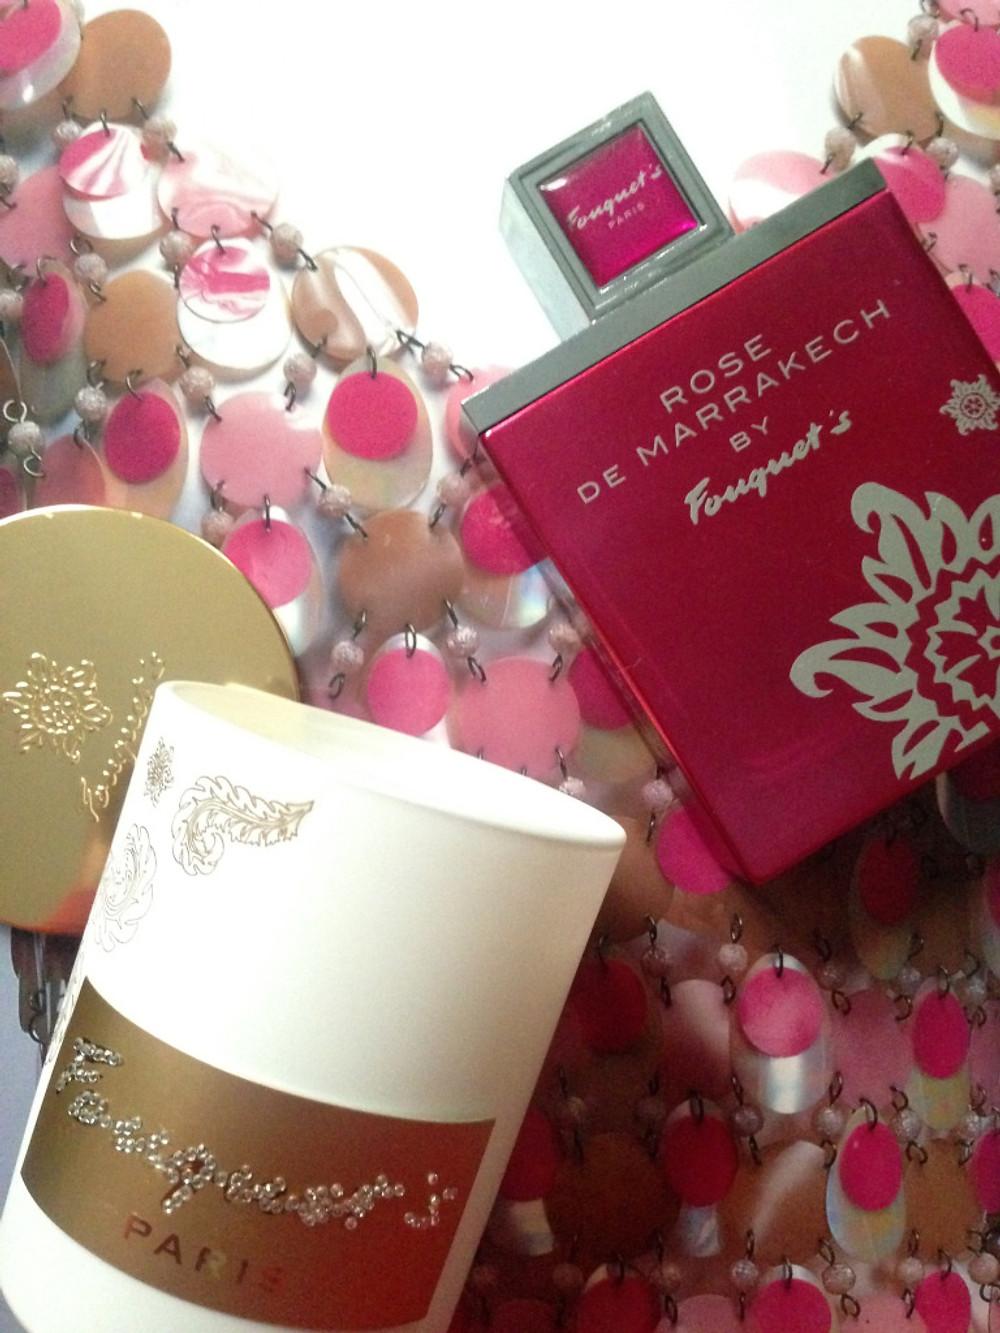 """Les essences """"by Fouquet's"""" sont uniquement mises en vente sur le site www.parfum-exclusif.fr, ainsi que dans les établissements Barrière. Prix : 56€ les 50 ml pour un parfum, 49€ la bougie, 45€ l'huile sèche et 12€ le savon."""